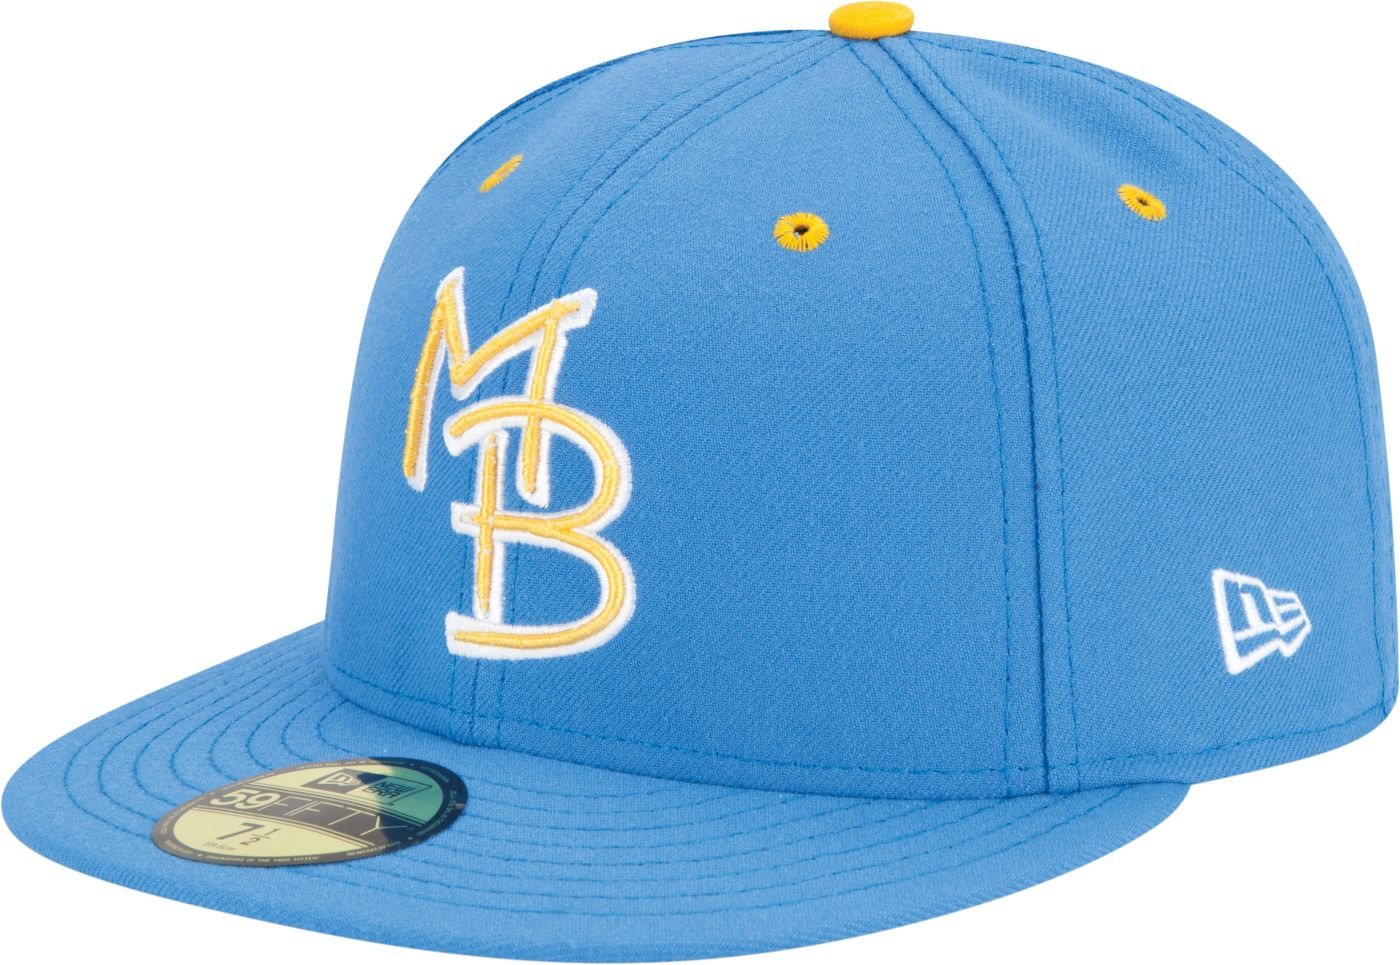 New Era Men's Myrtle Beach Pelicans 59Fifty Light Blue Authentic Hat